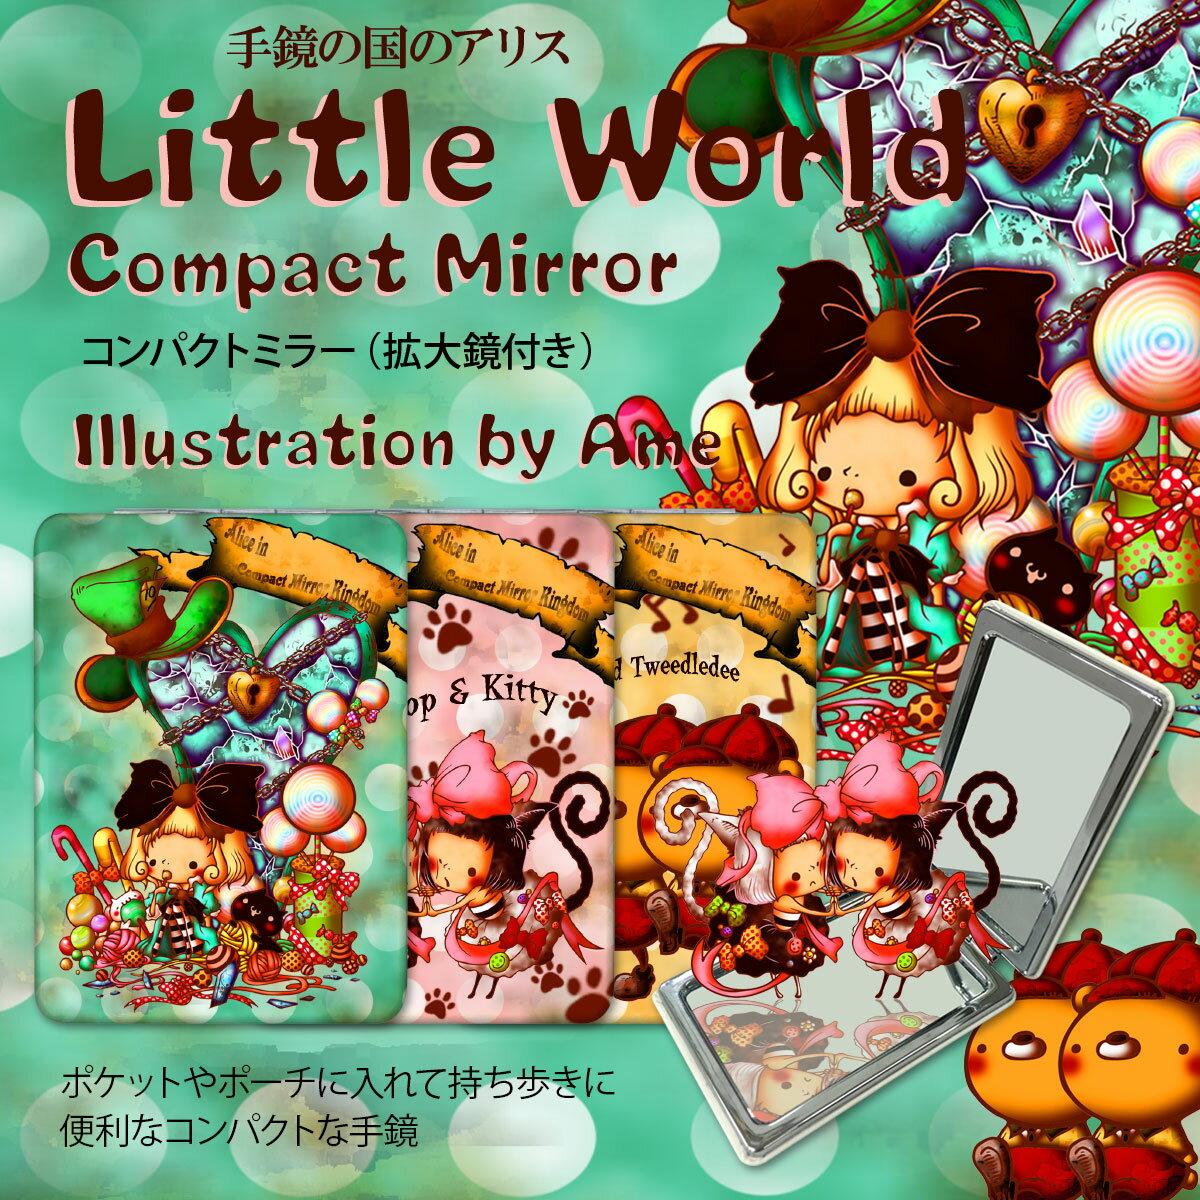 手鏡 コンパクトミラー ハンドミラー 拡大鏡付 持ち歩きに便利 かわいい Little World 送料無料 発送はメール便 mr-018